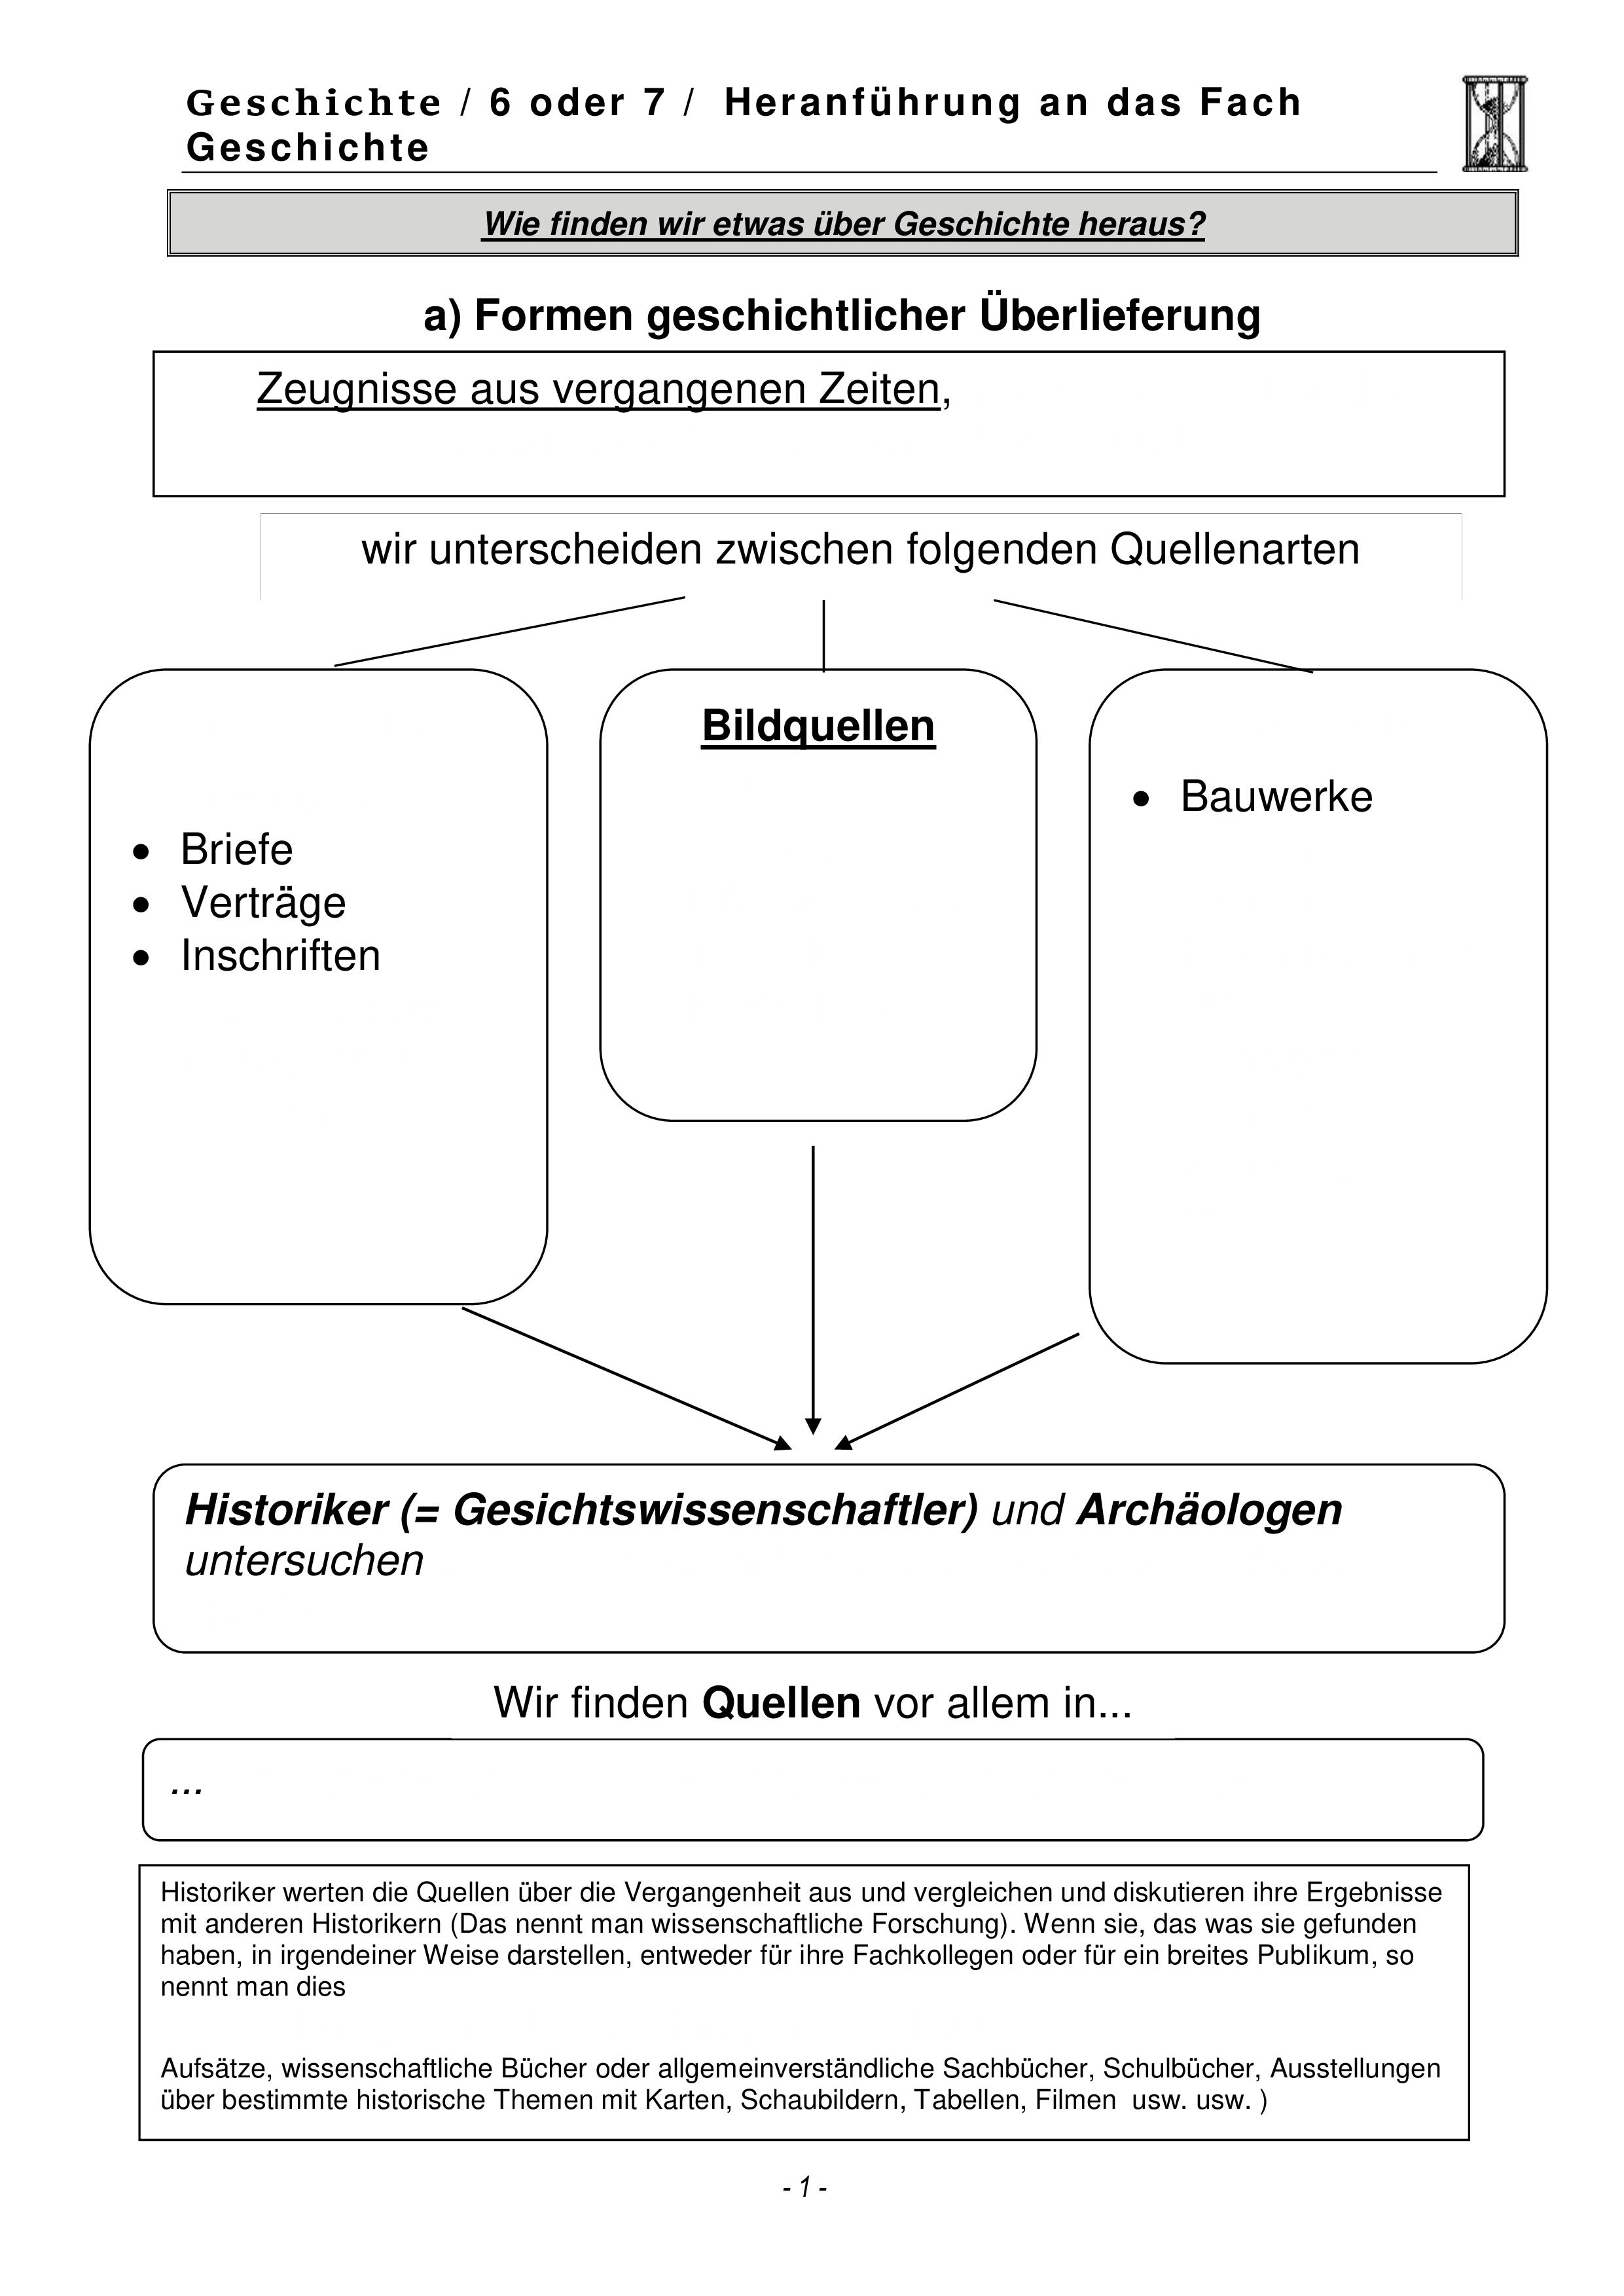 Heranfuhrung An Die Geschichte Quellen Und Darstellung Unterrichtsmaterial Im Fach Geschichte Geschichte Unterrichtsmaterial Kenntnisse